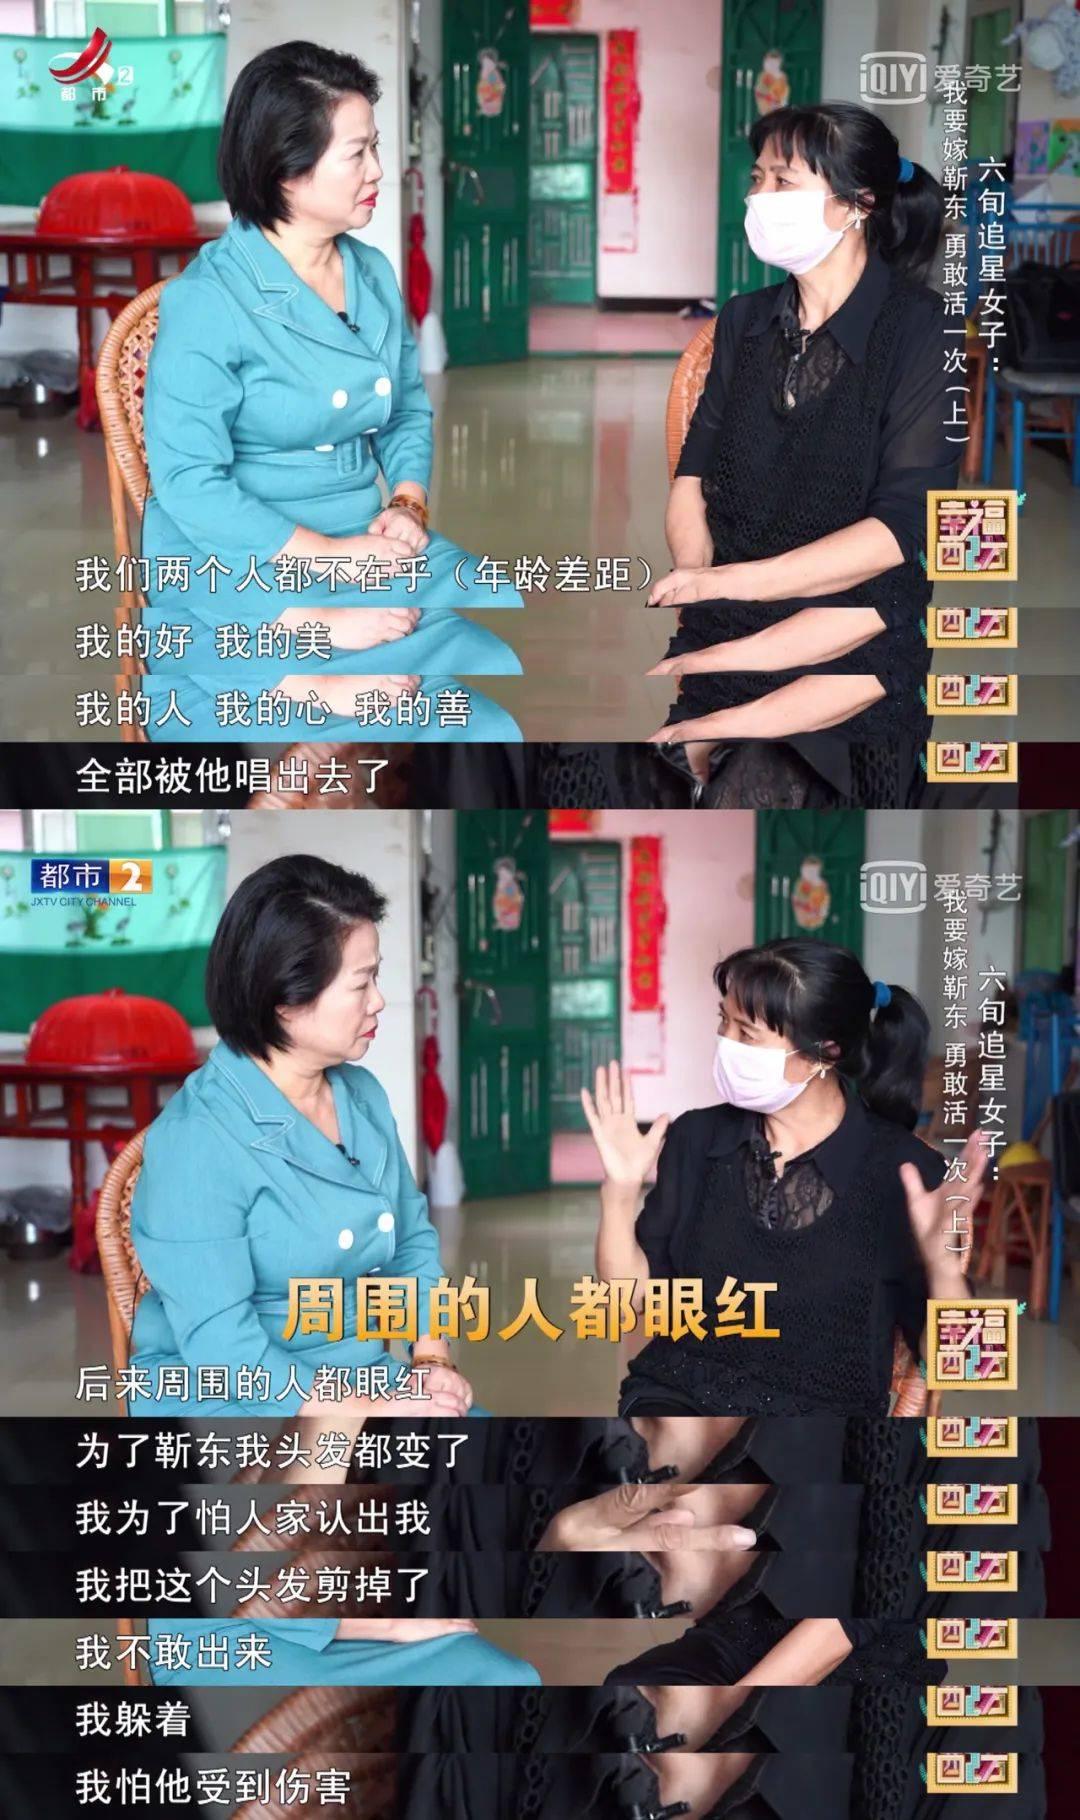 """恒达官网被""""靳东""""骗婚的60岁大妈:""""我这一生都没有经历过爱情""""(图2)"""